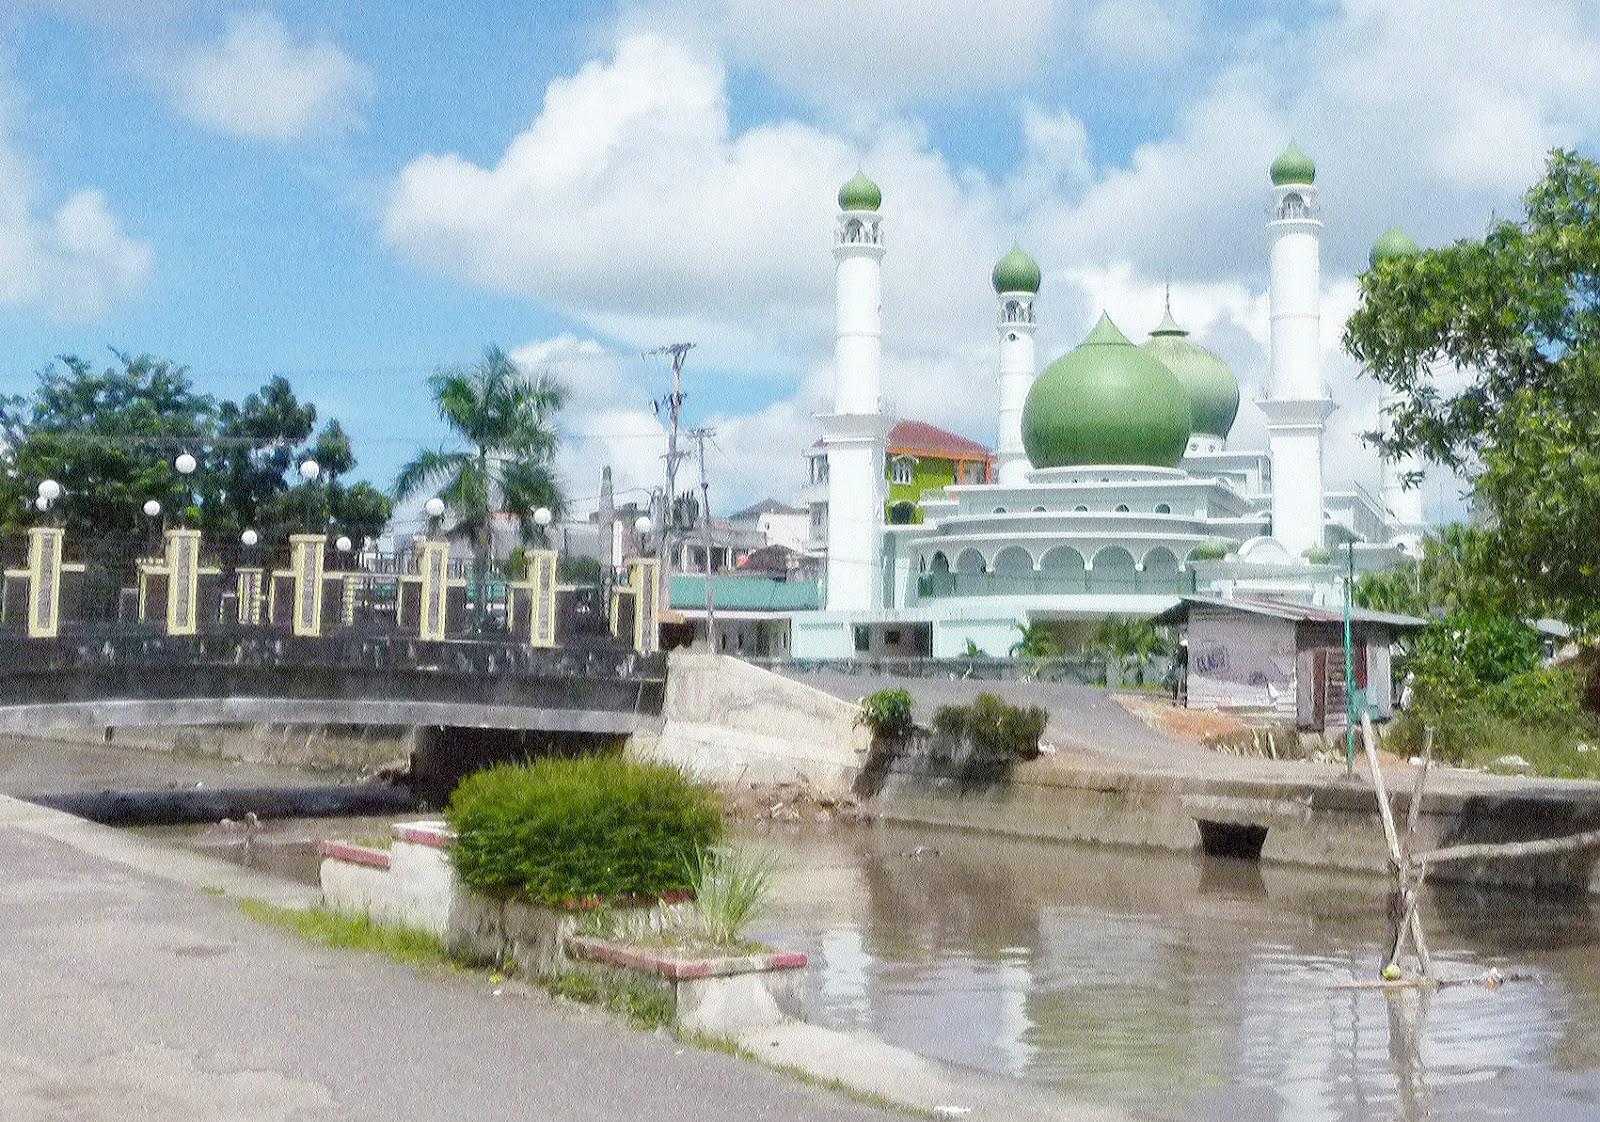 Beauty Kummy Wisata Menyenangkan Ya Pangkal Pinang Bangunan Tempat Ibadah